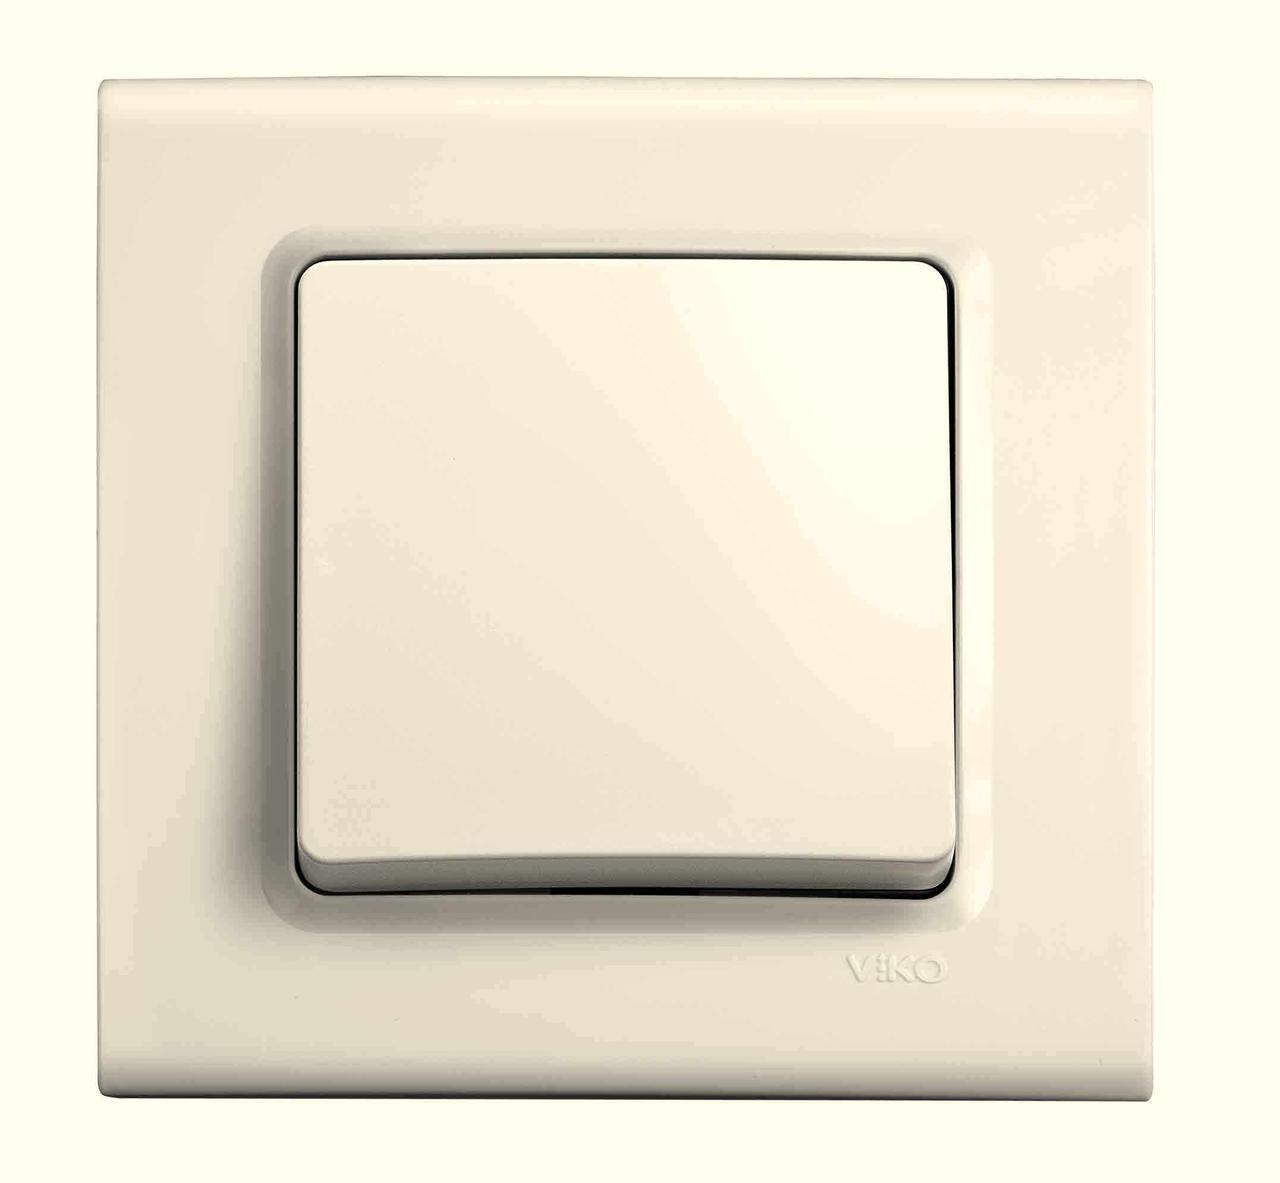 Выключатель одноклавишный VIKO Linnera Крем 90401001